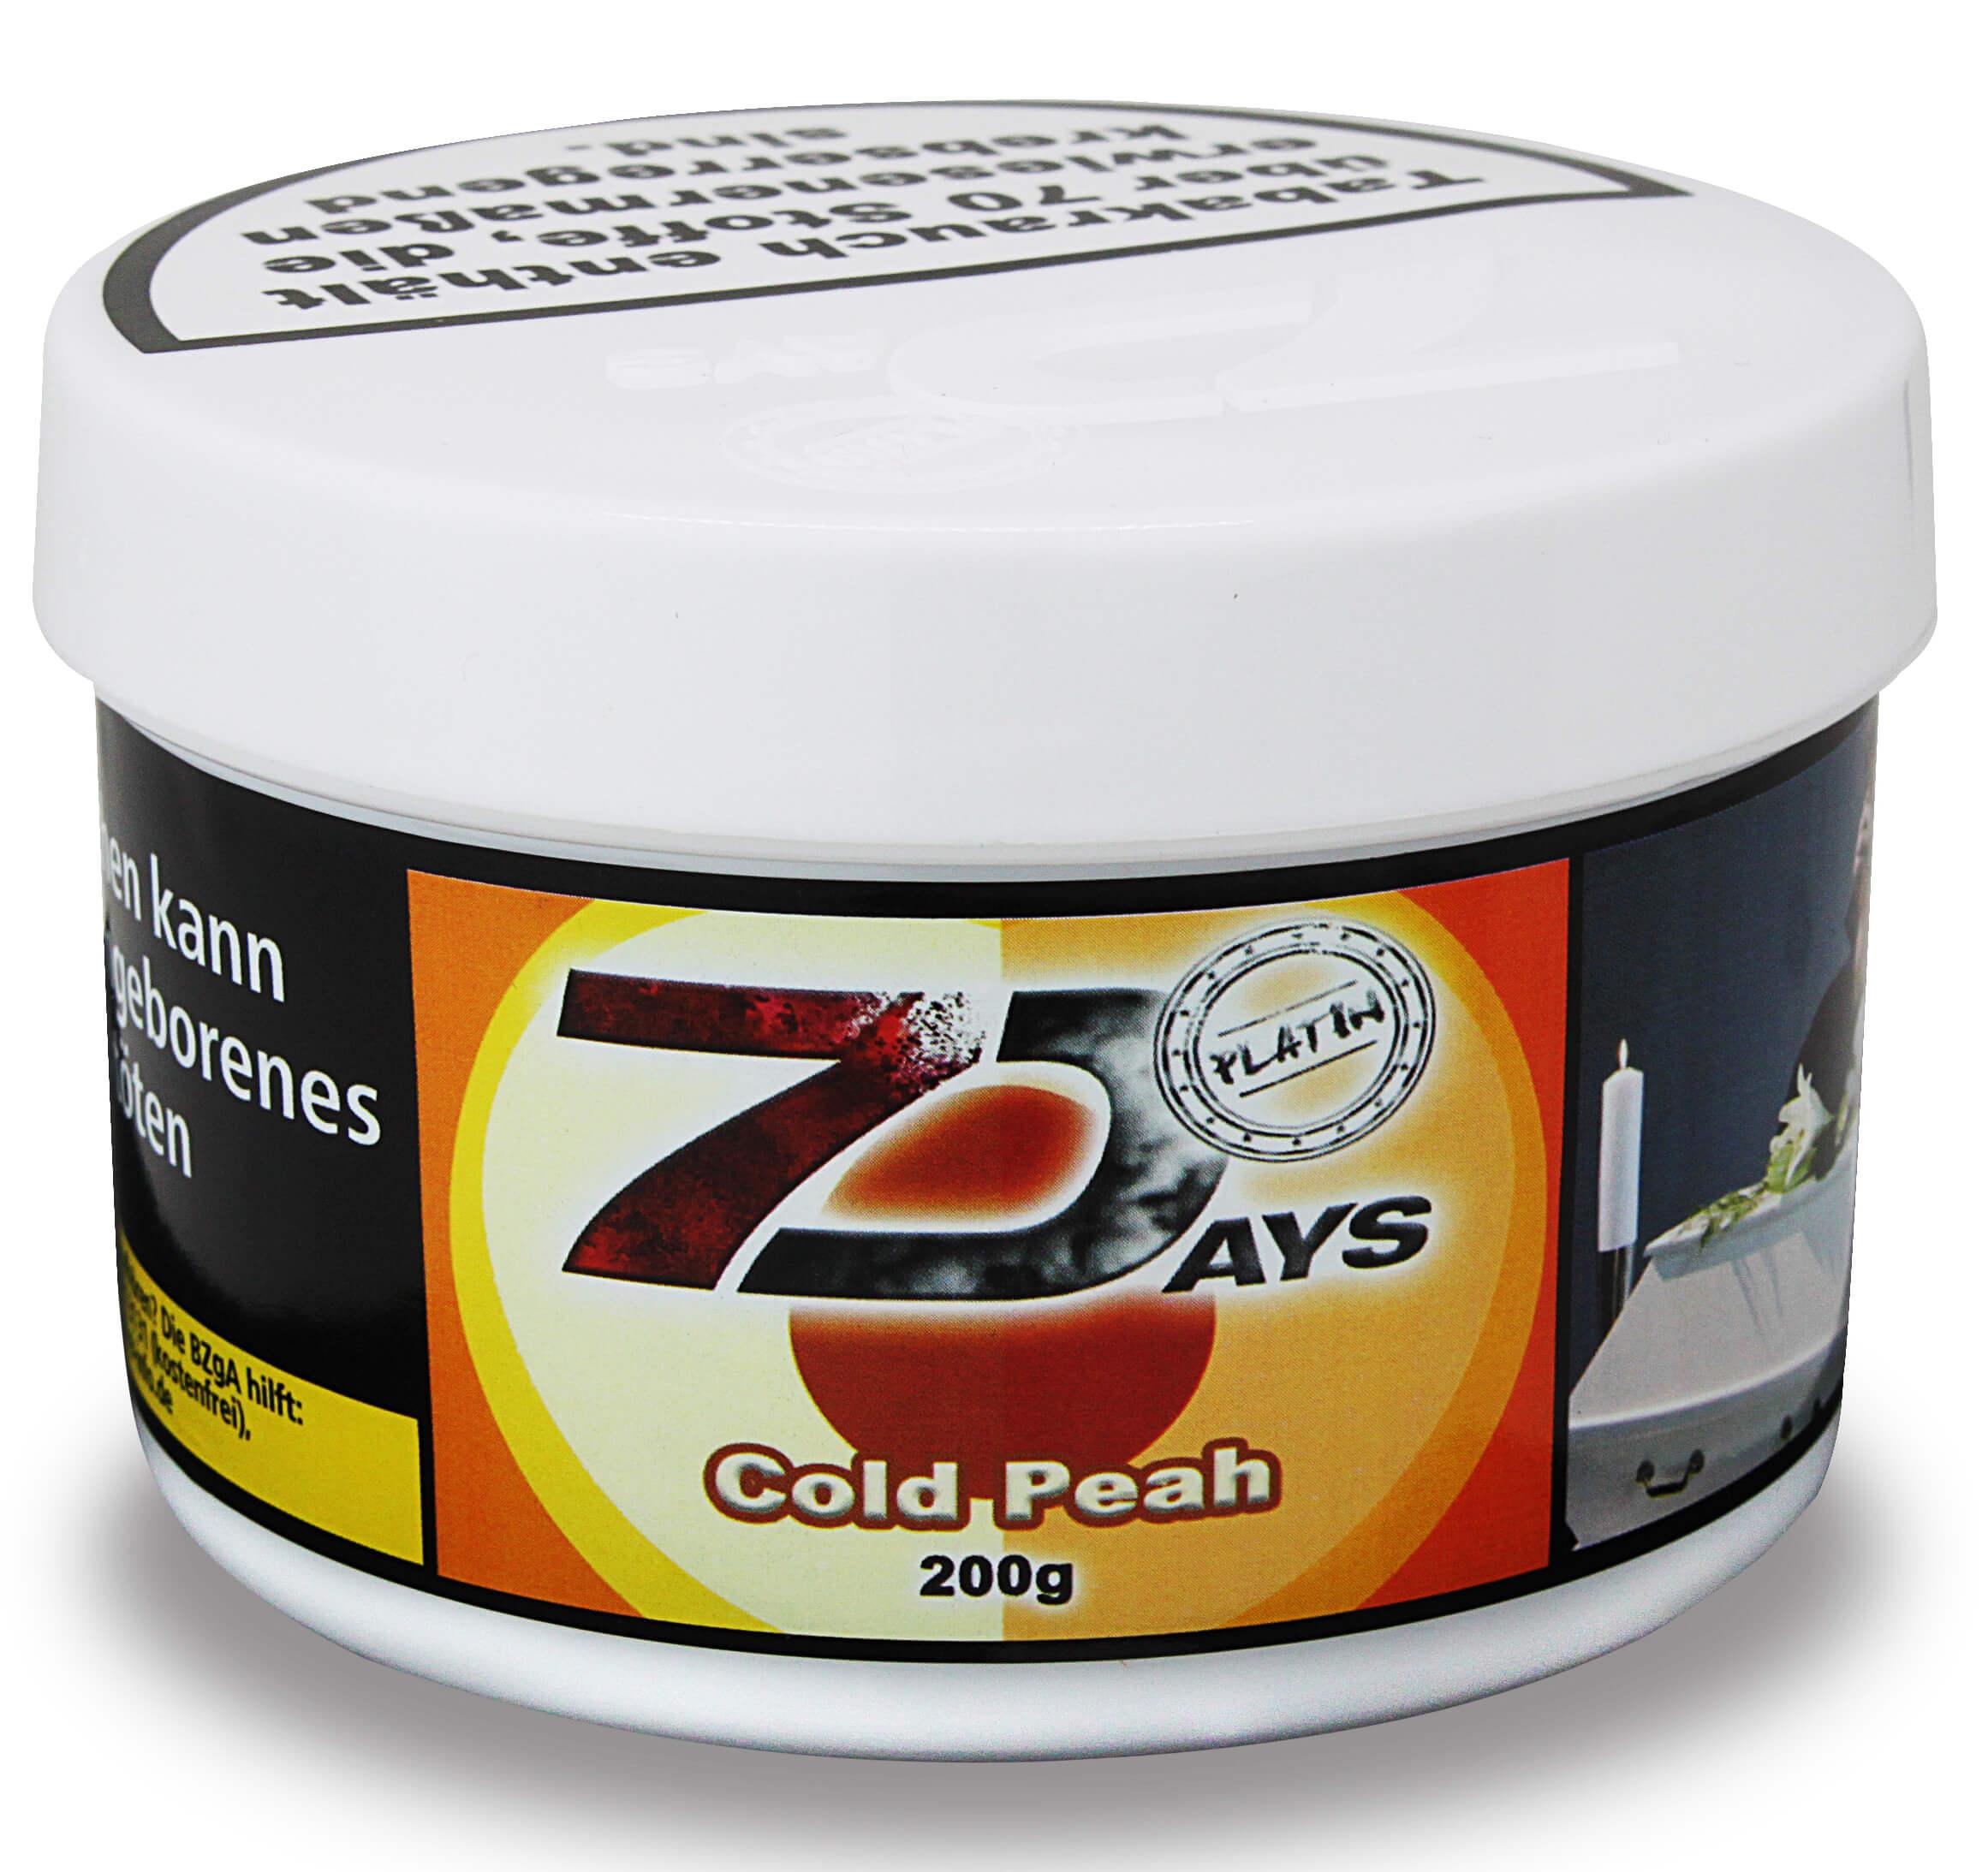 7 Days Platin Tabak - Cold Peah 200g